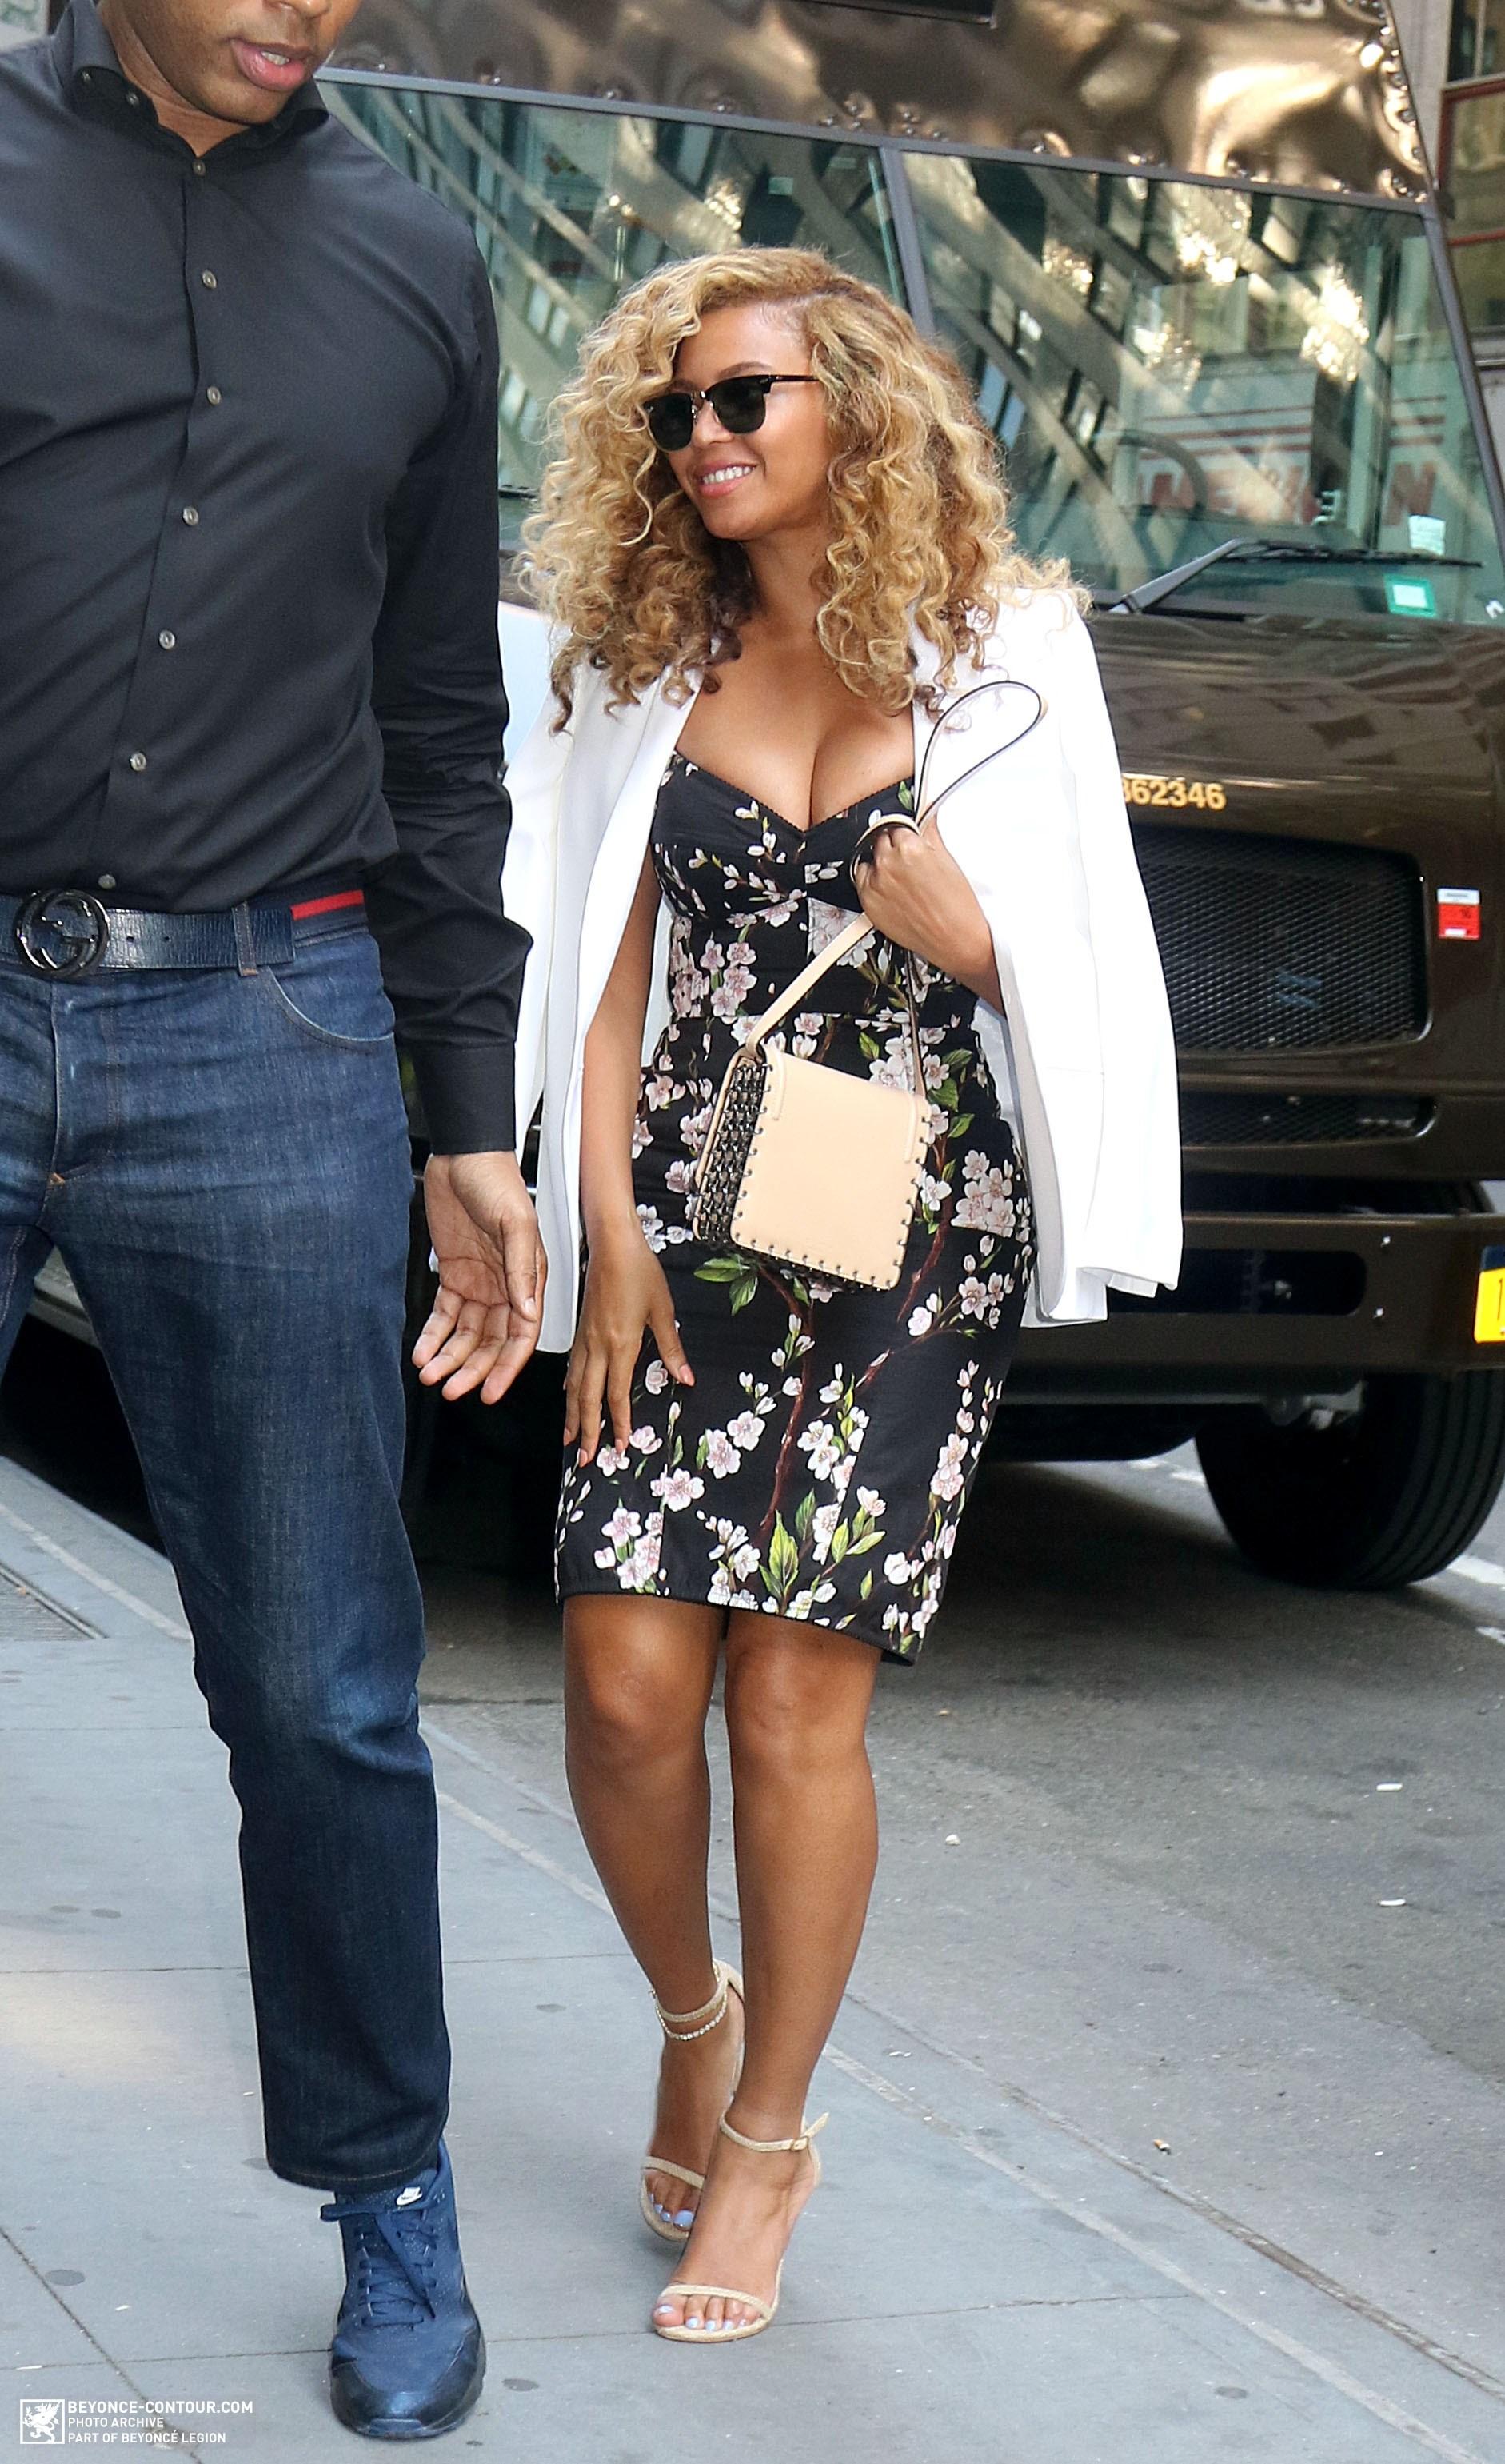 Beyoncé > Apariciones en público <Candids> [III] - Página 48 020